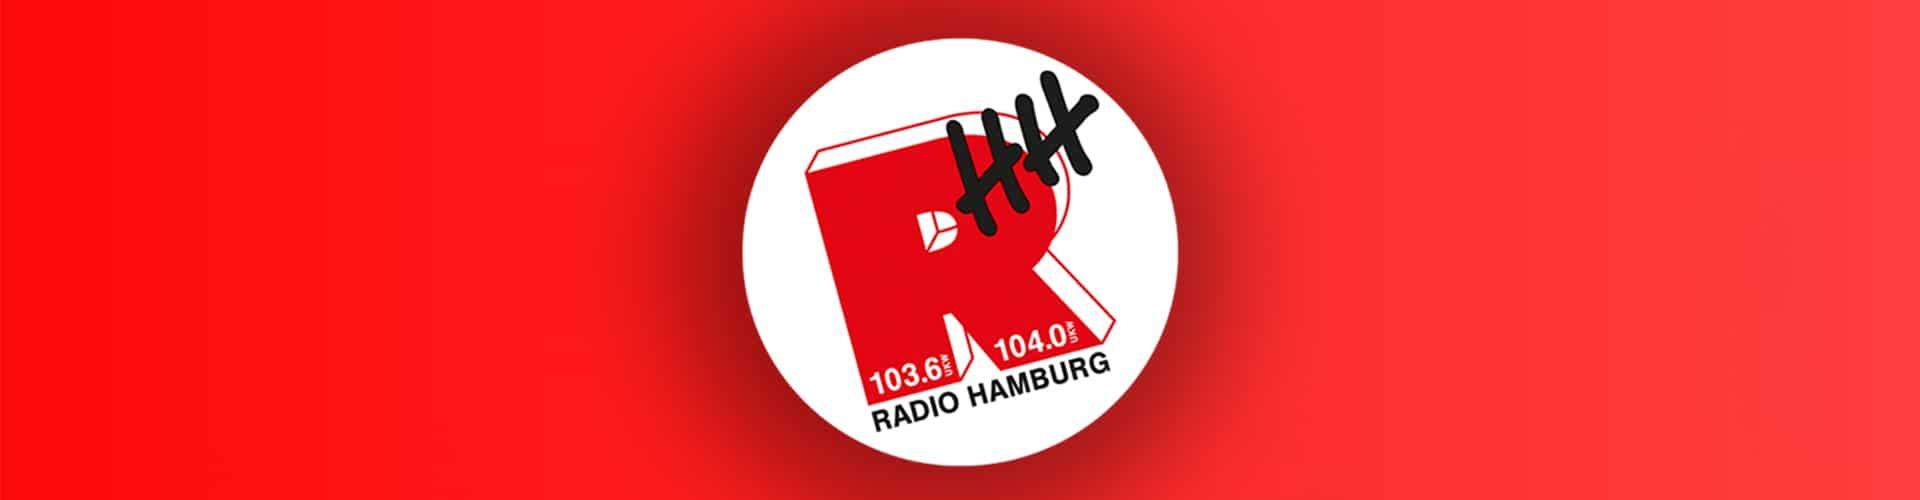 Radio Hamburg schneidet in der aktuellen ma 2017 Radio I gut ab. Sie sind der Lieblingssender in Hamburg.